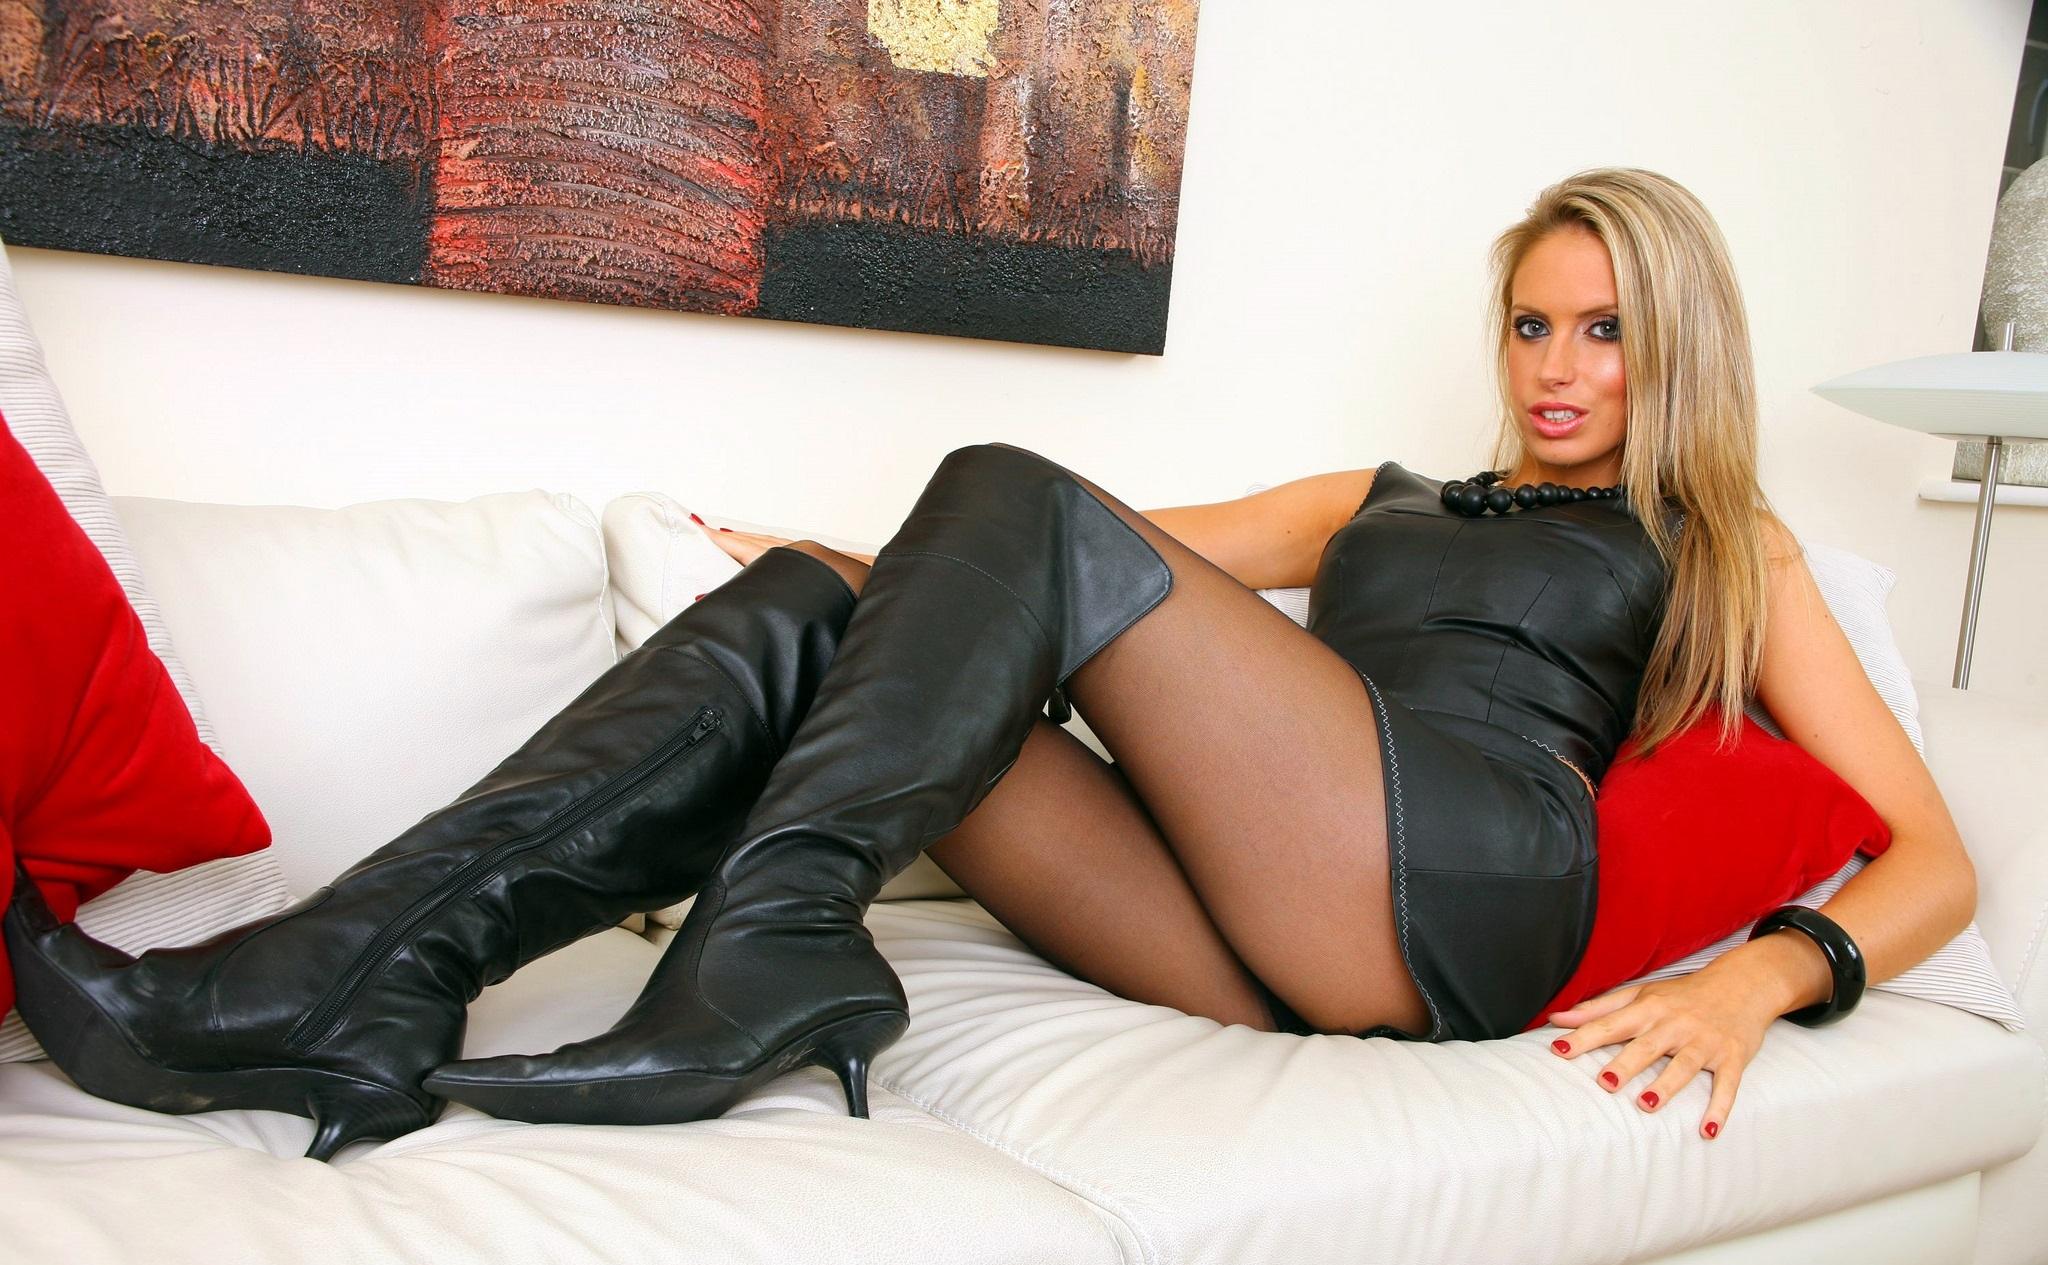 wallpaper : model, long hair, legs, celebrity, dress, black hair